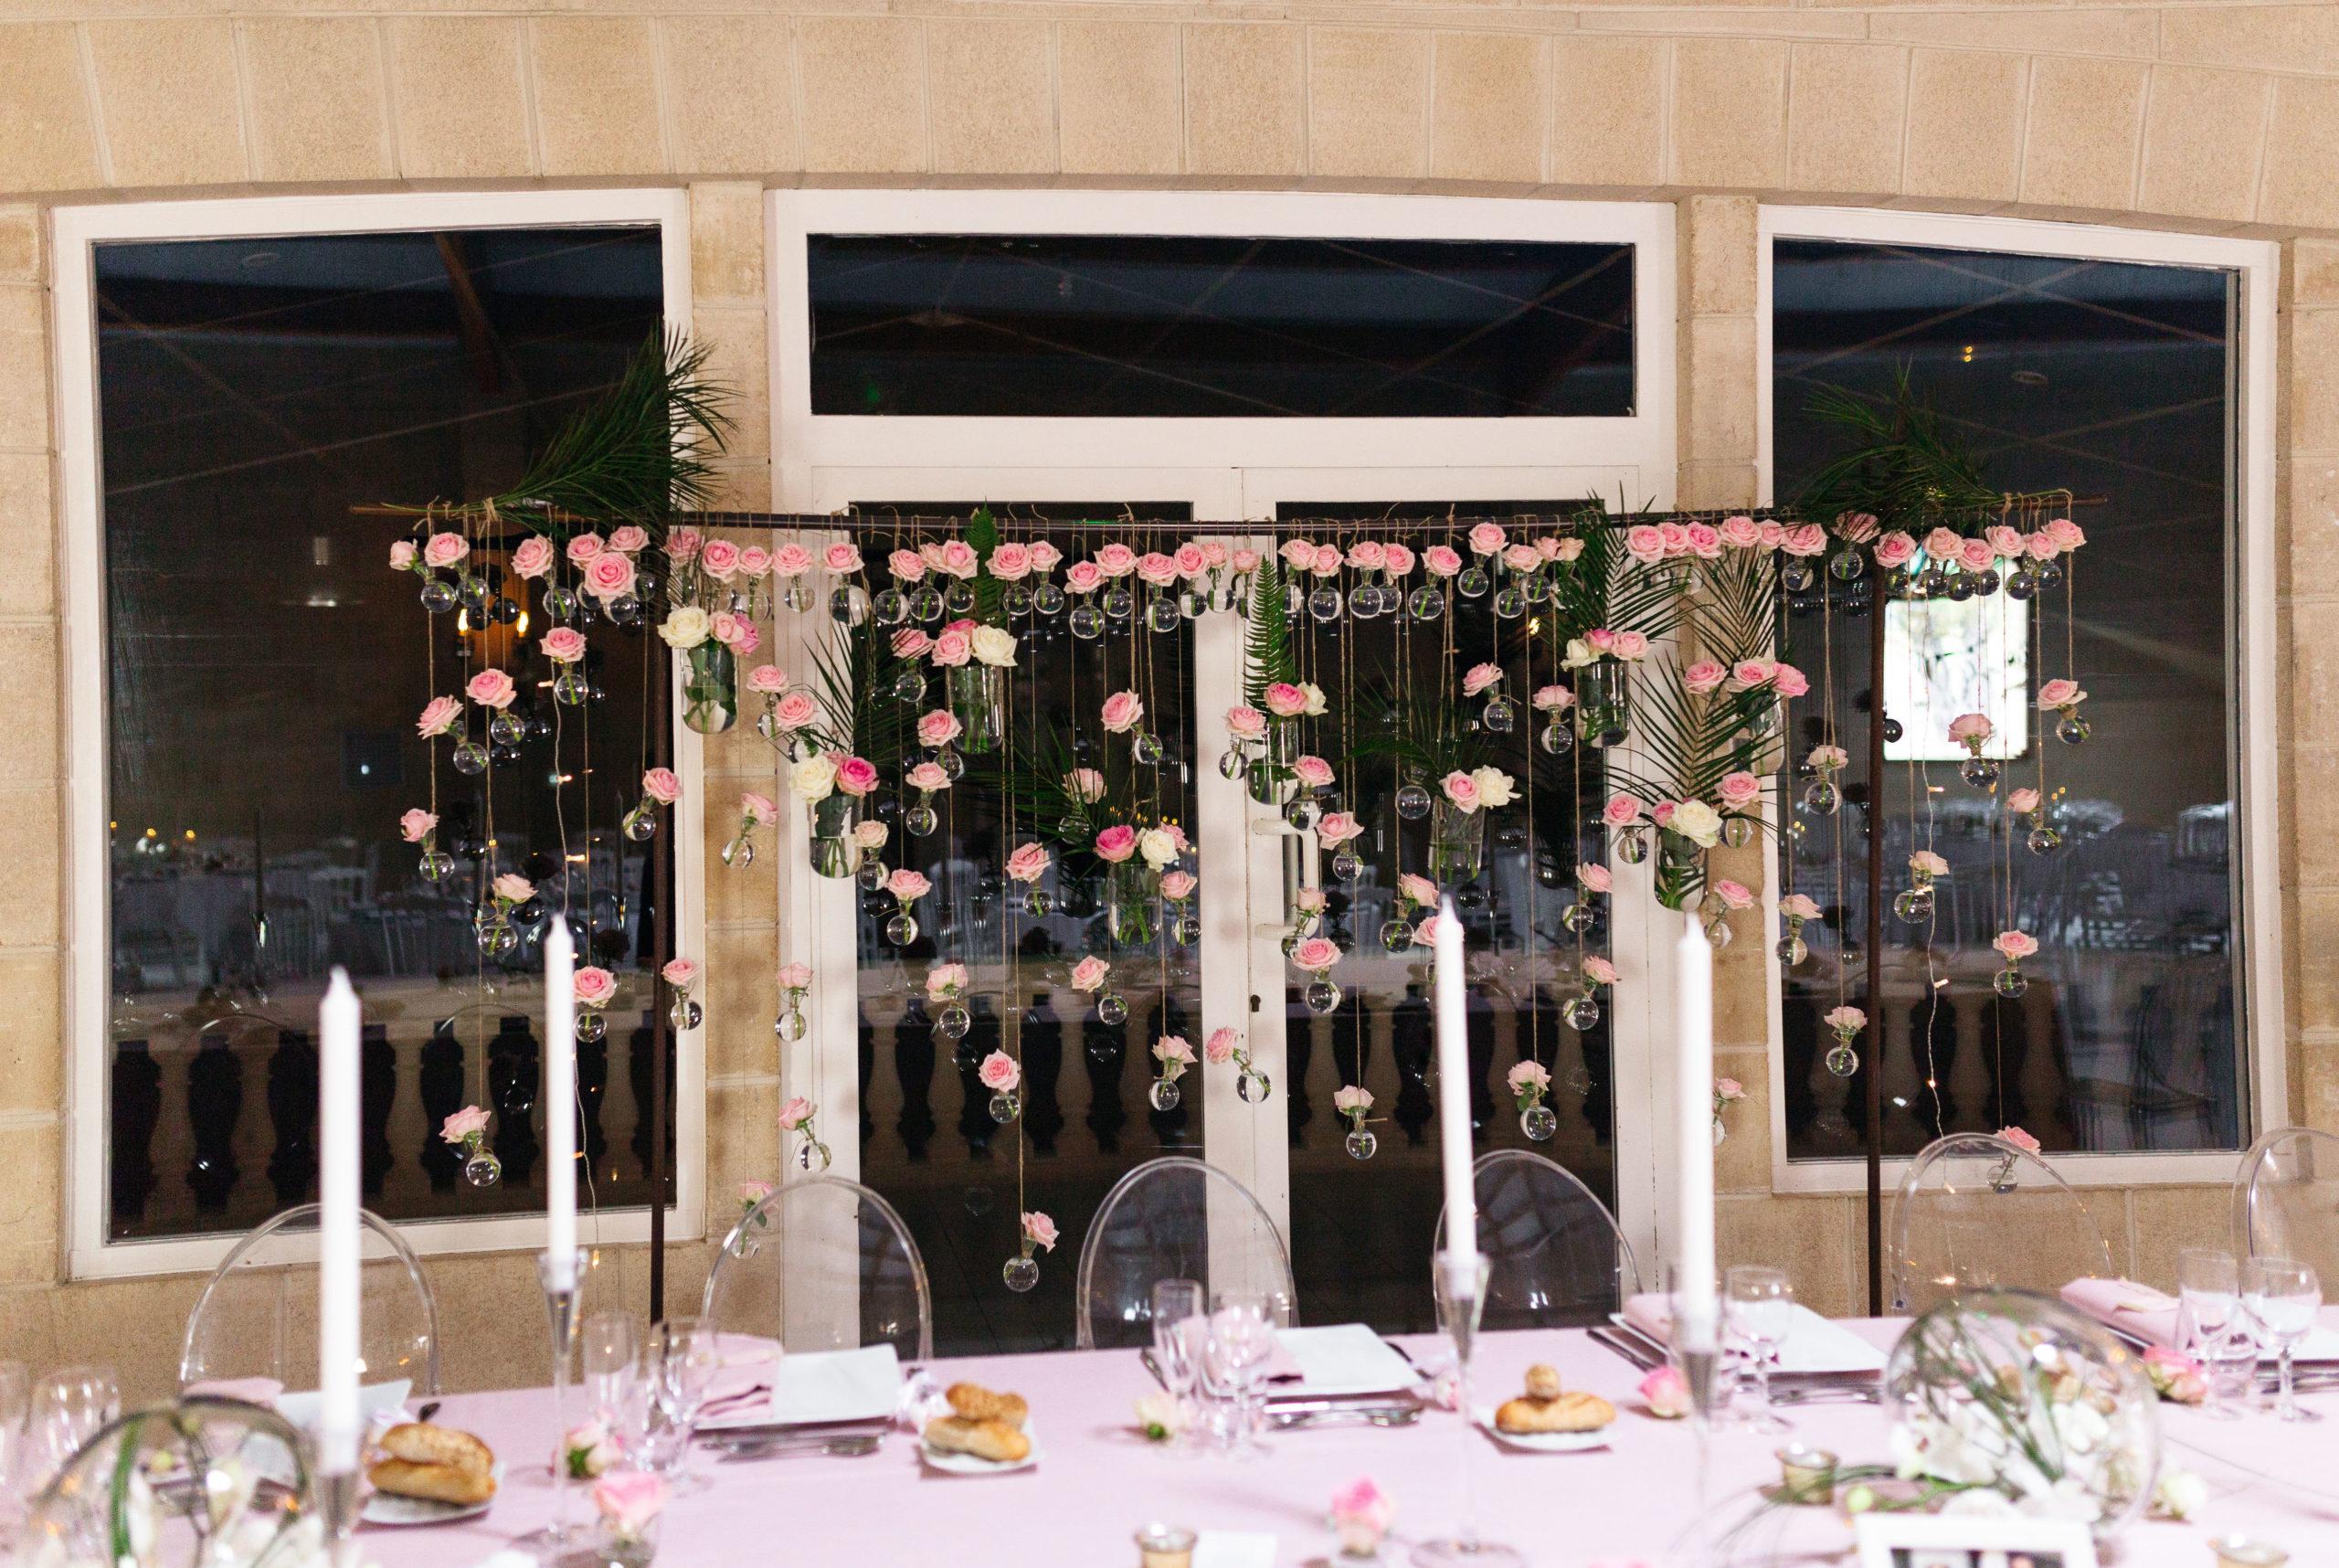 Les fleurs pour bouquet de mariage et événement en avril.